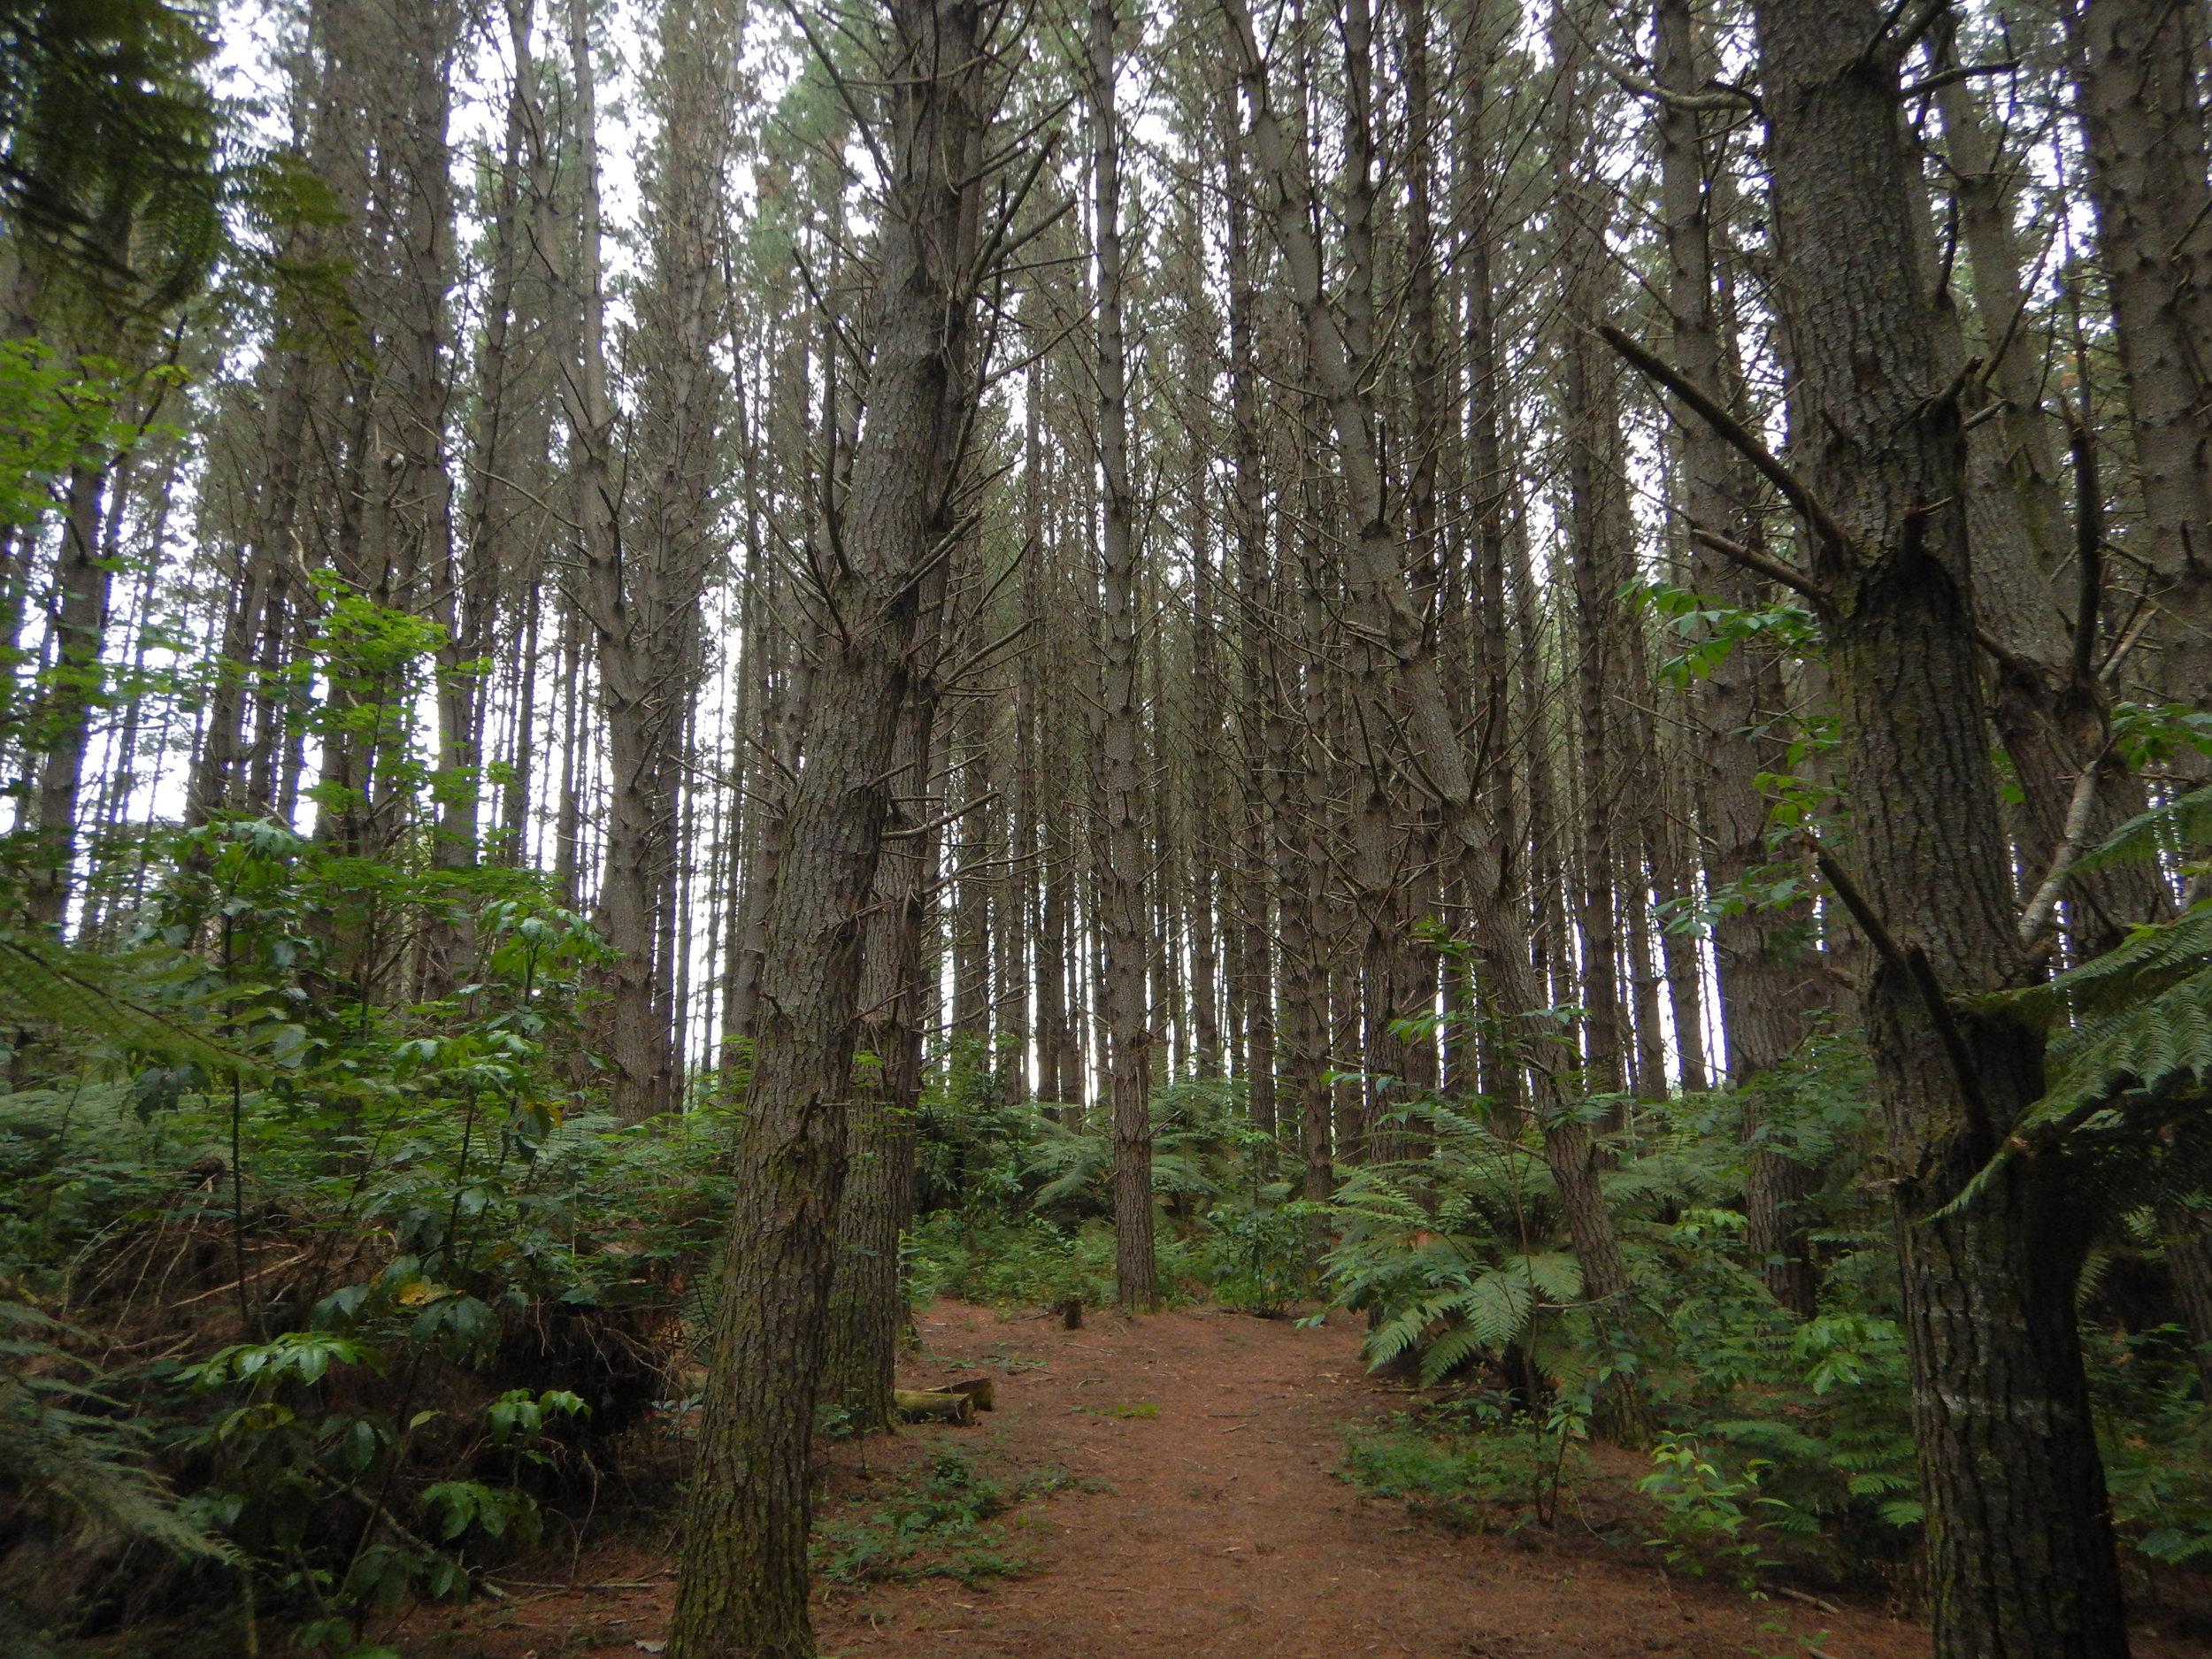 Whakarewarewa forest.